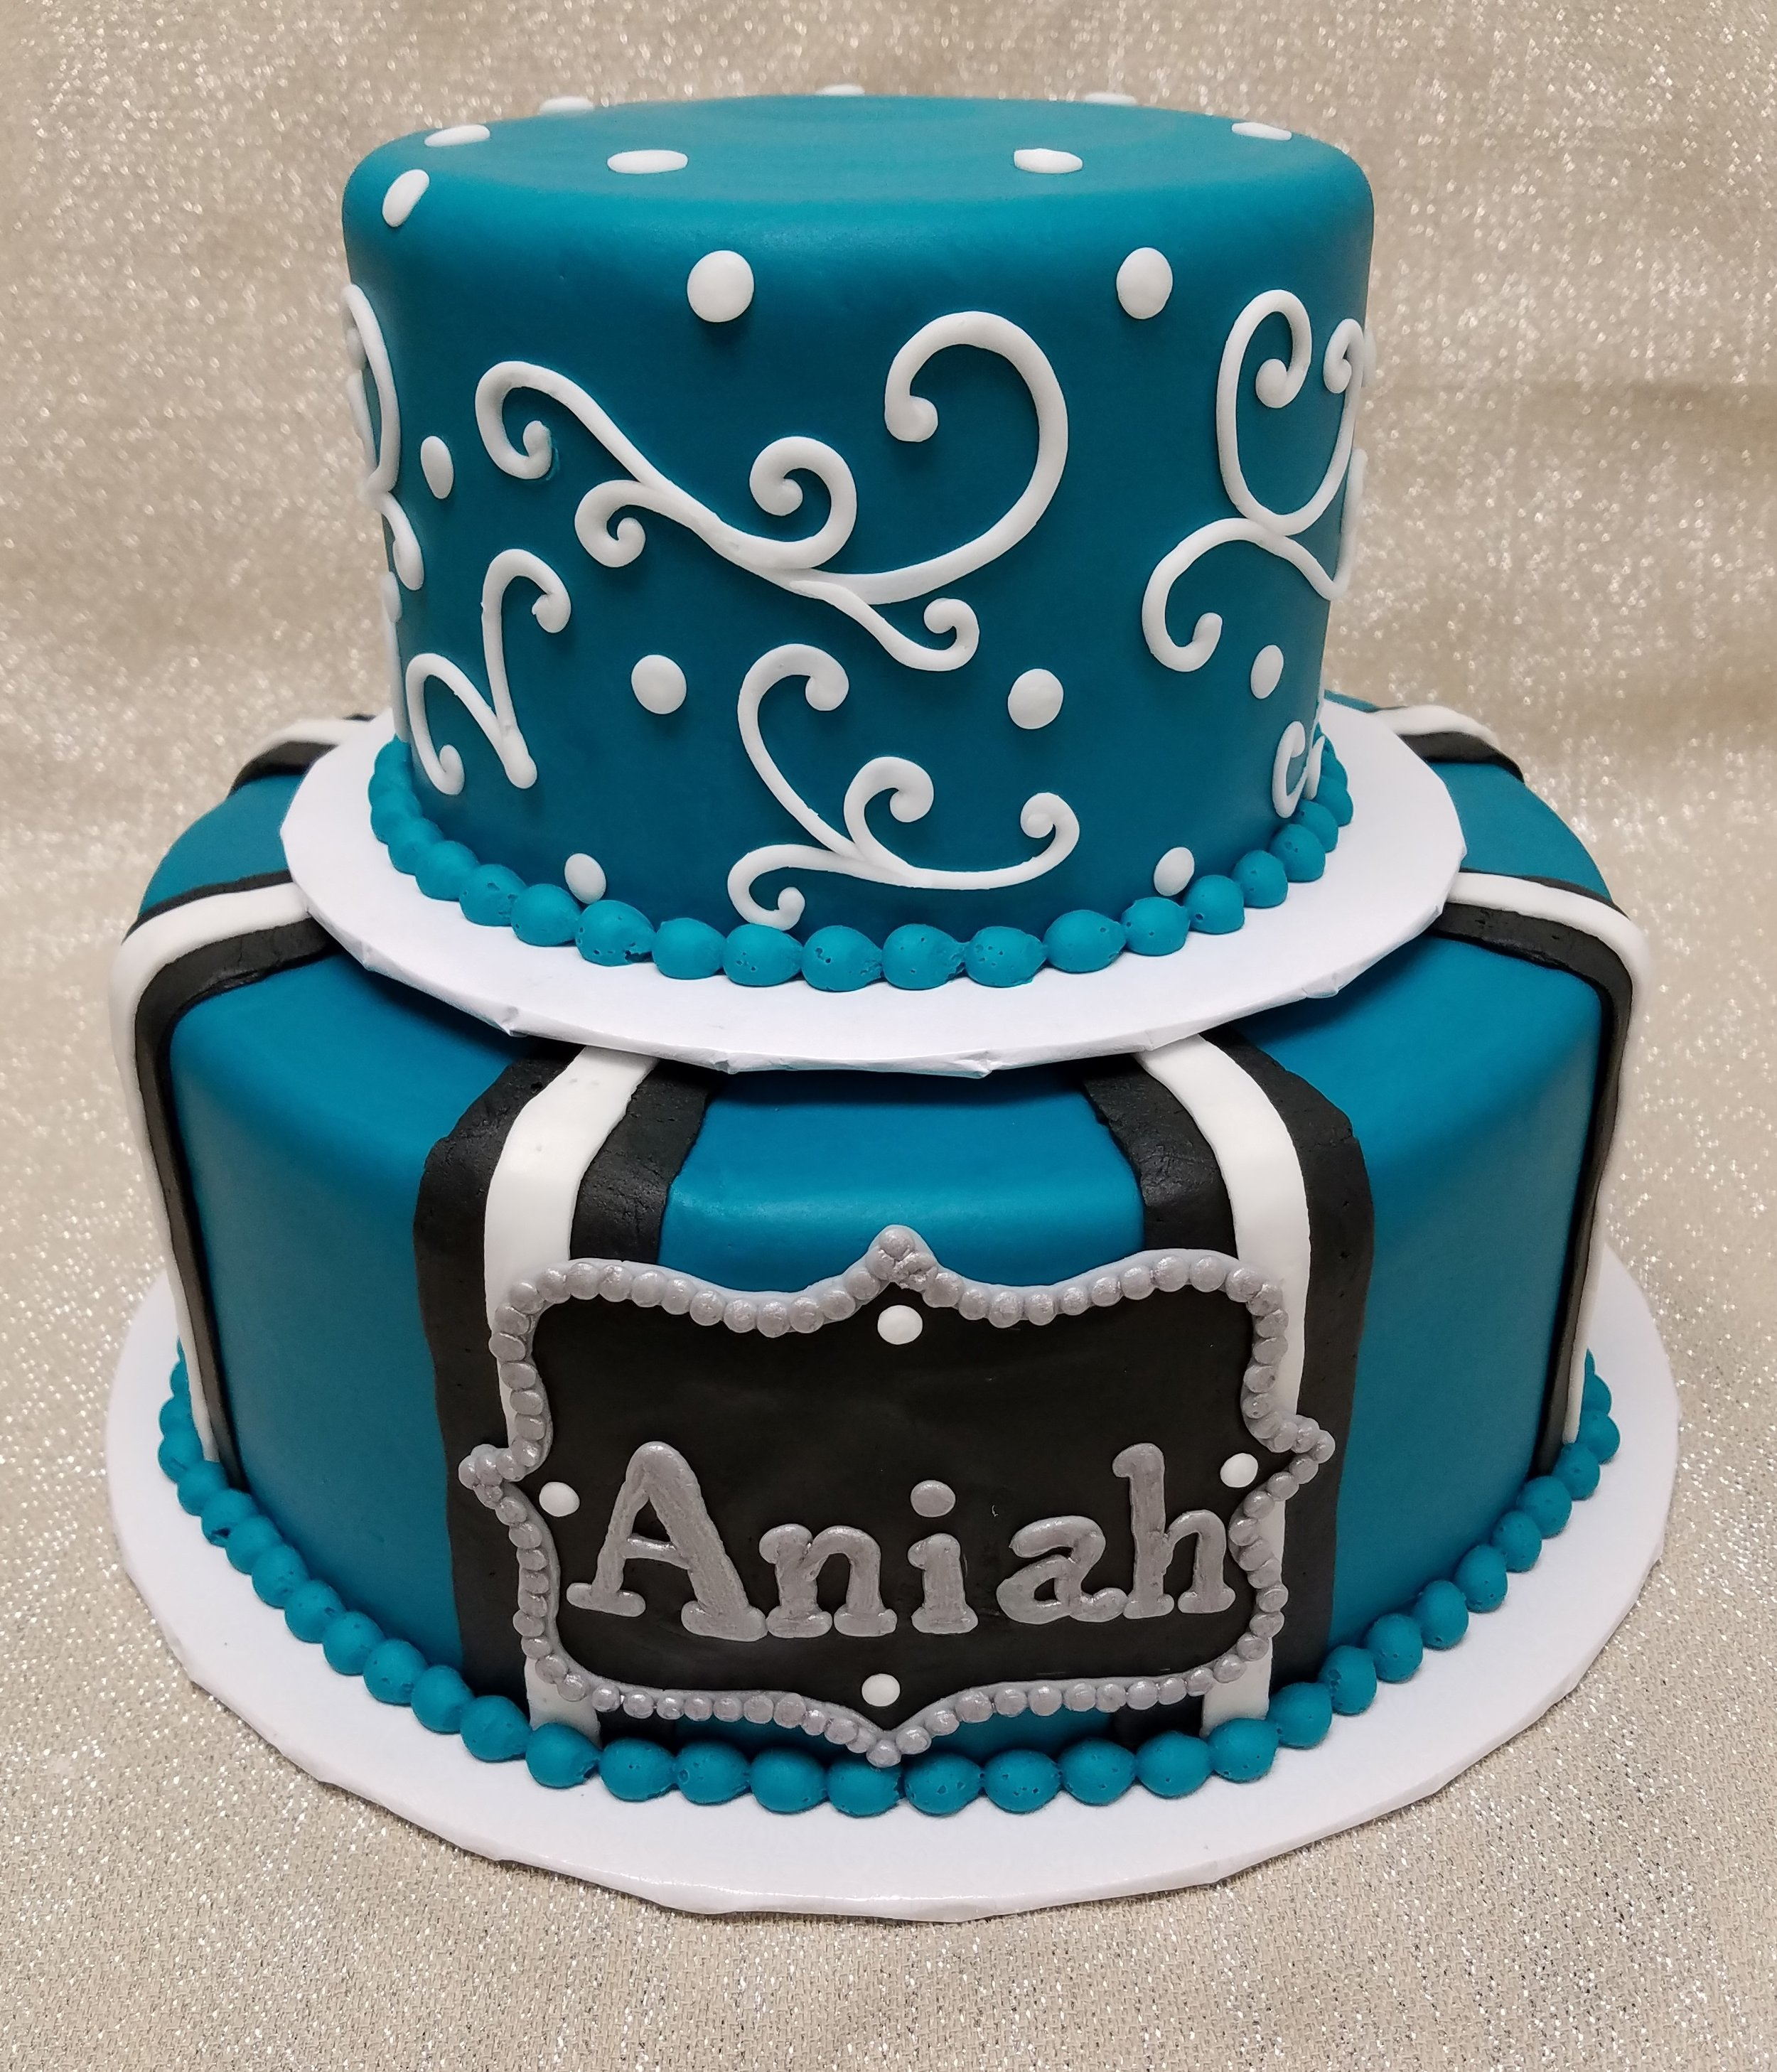 Aniah